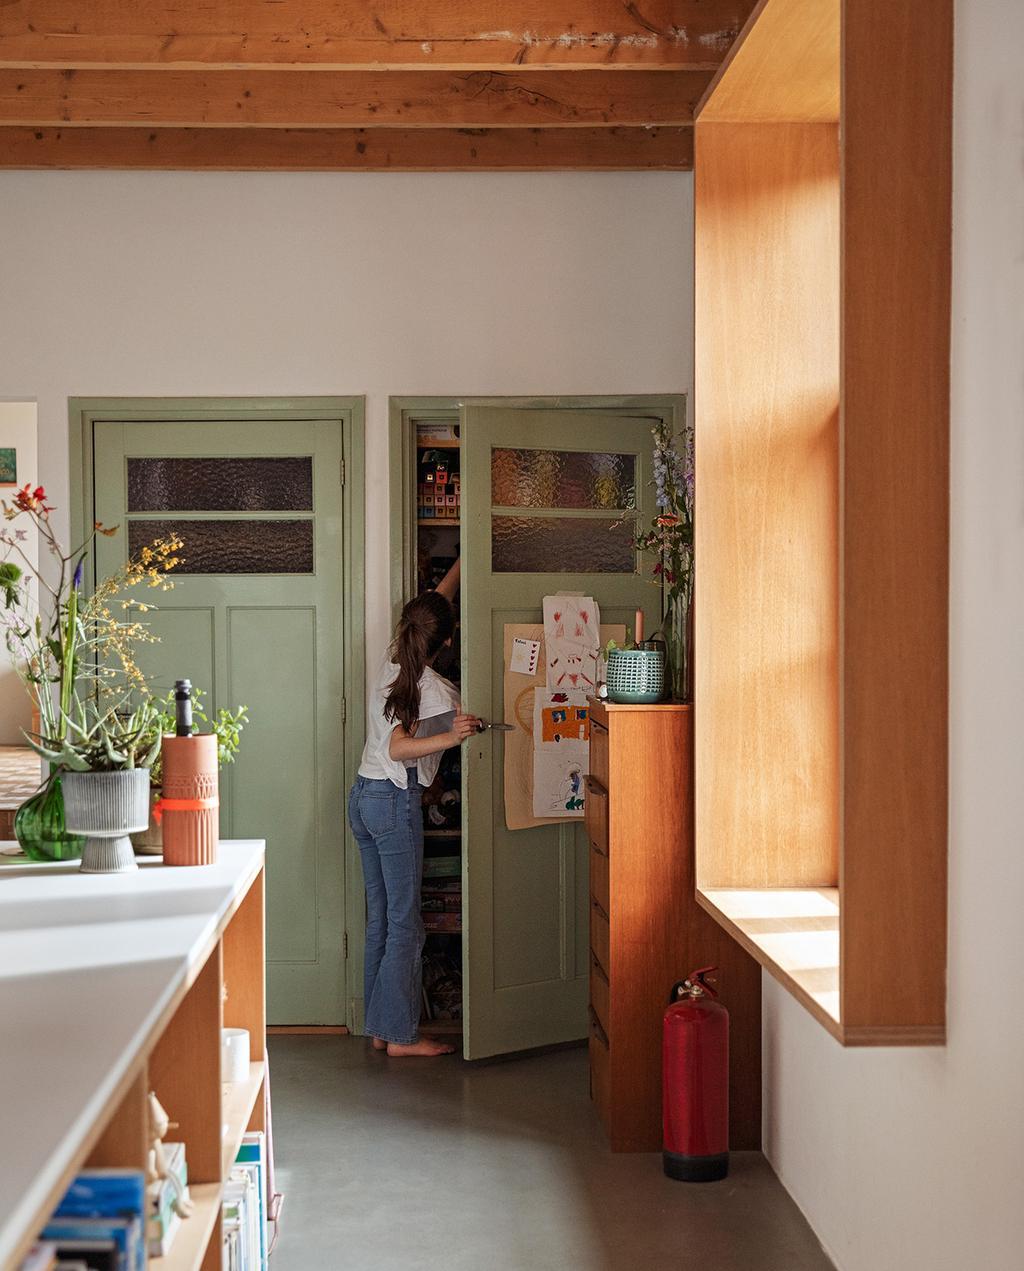 vtwonen 03-2021 | groene deuren in woonkamer met houten vensterbank